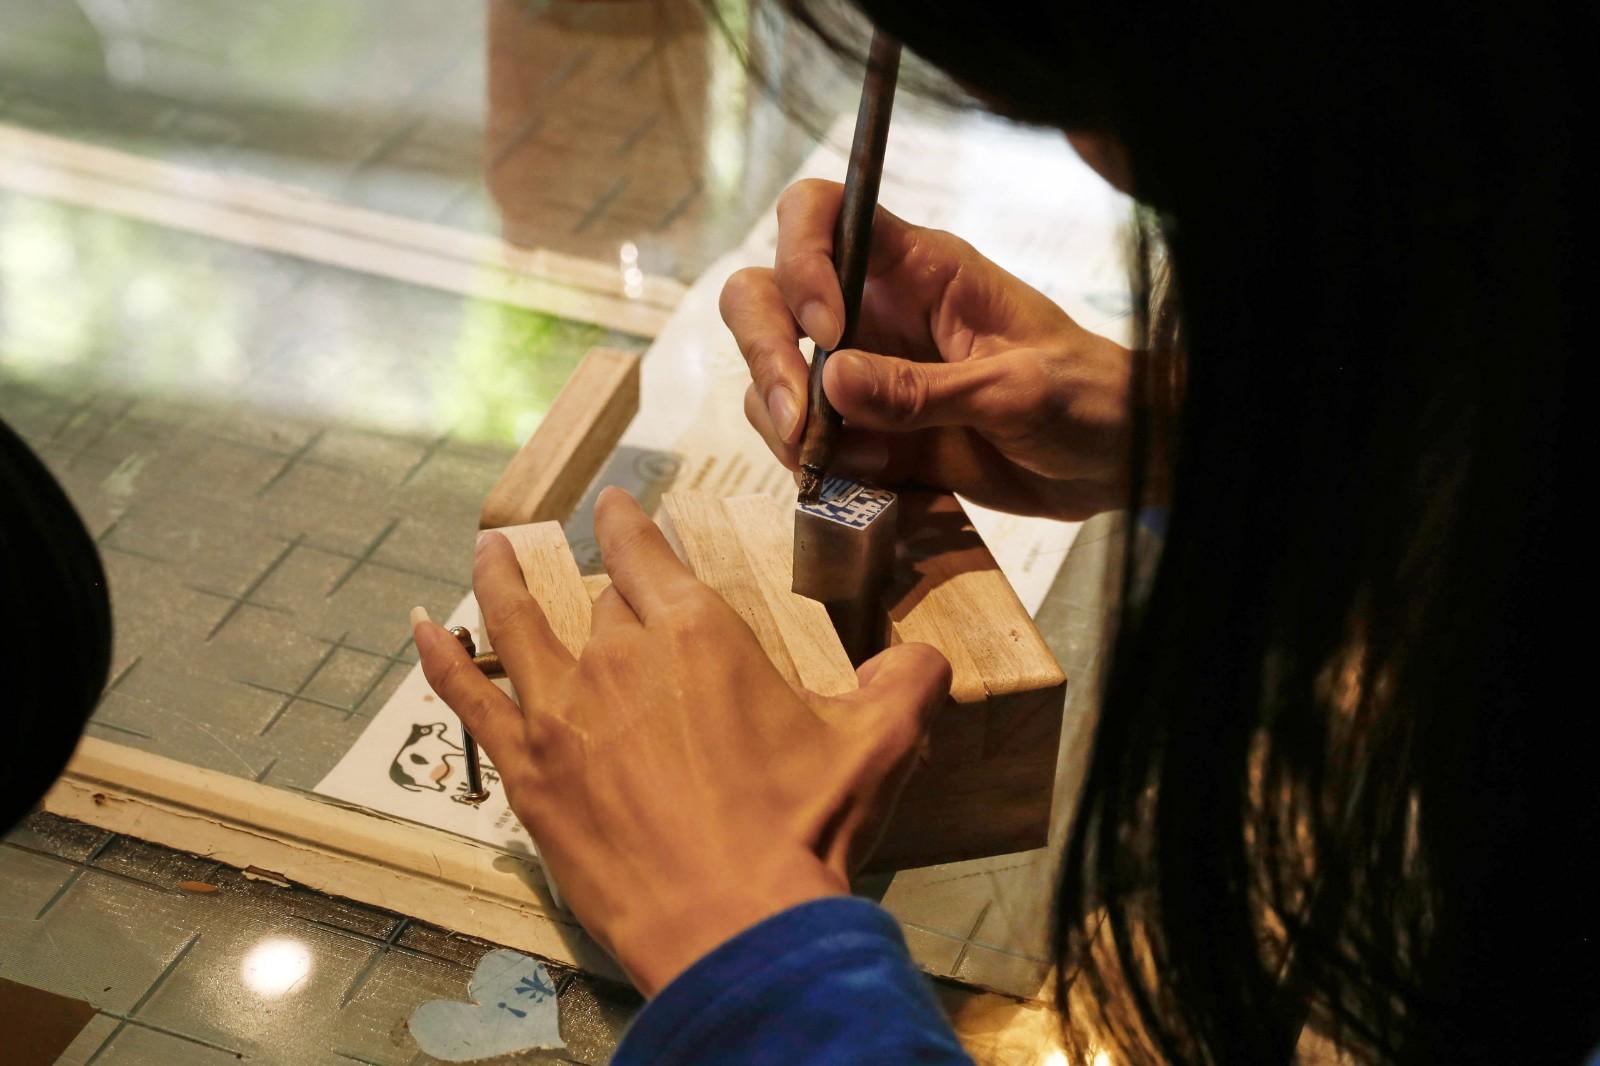 一日職人DIY體驗 - 三峽篆刻工藝手作   甘樂文創   甘之如飴,樂在其中